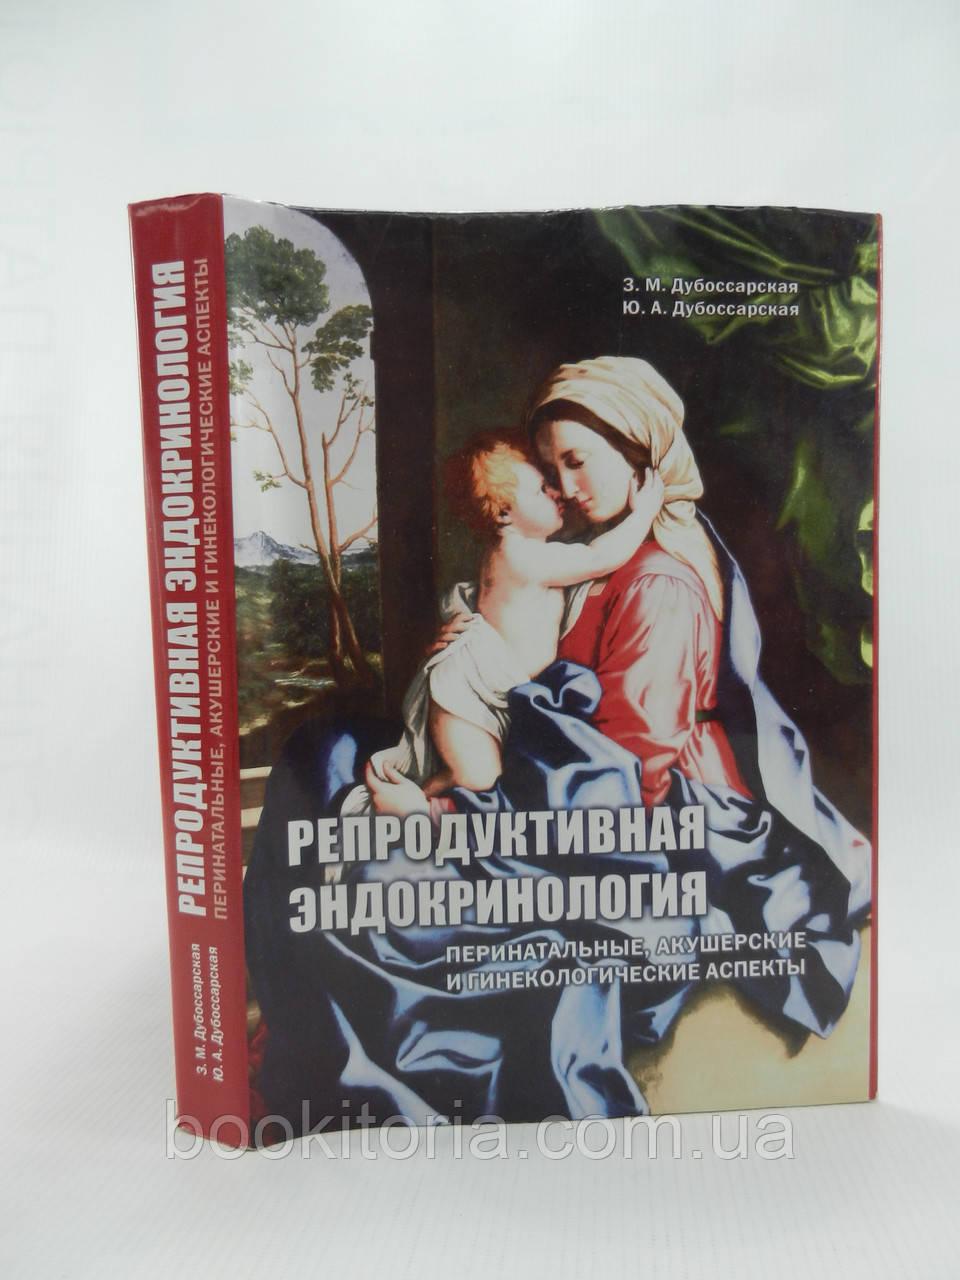 Дубоссарская З., Дубоссарская Ю. Репродуктивная эндокринология (б/у).